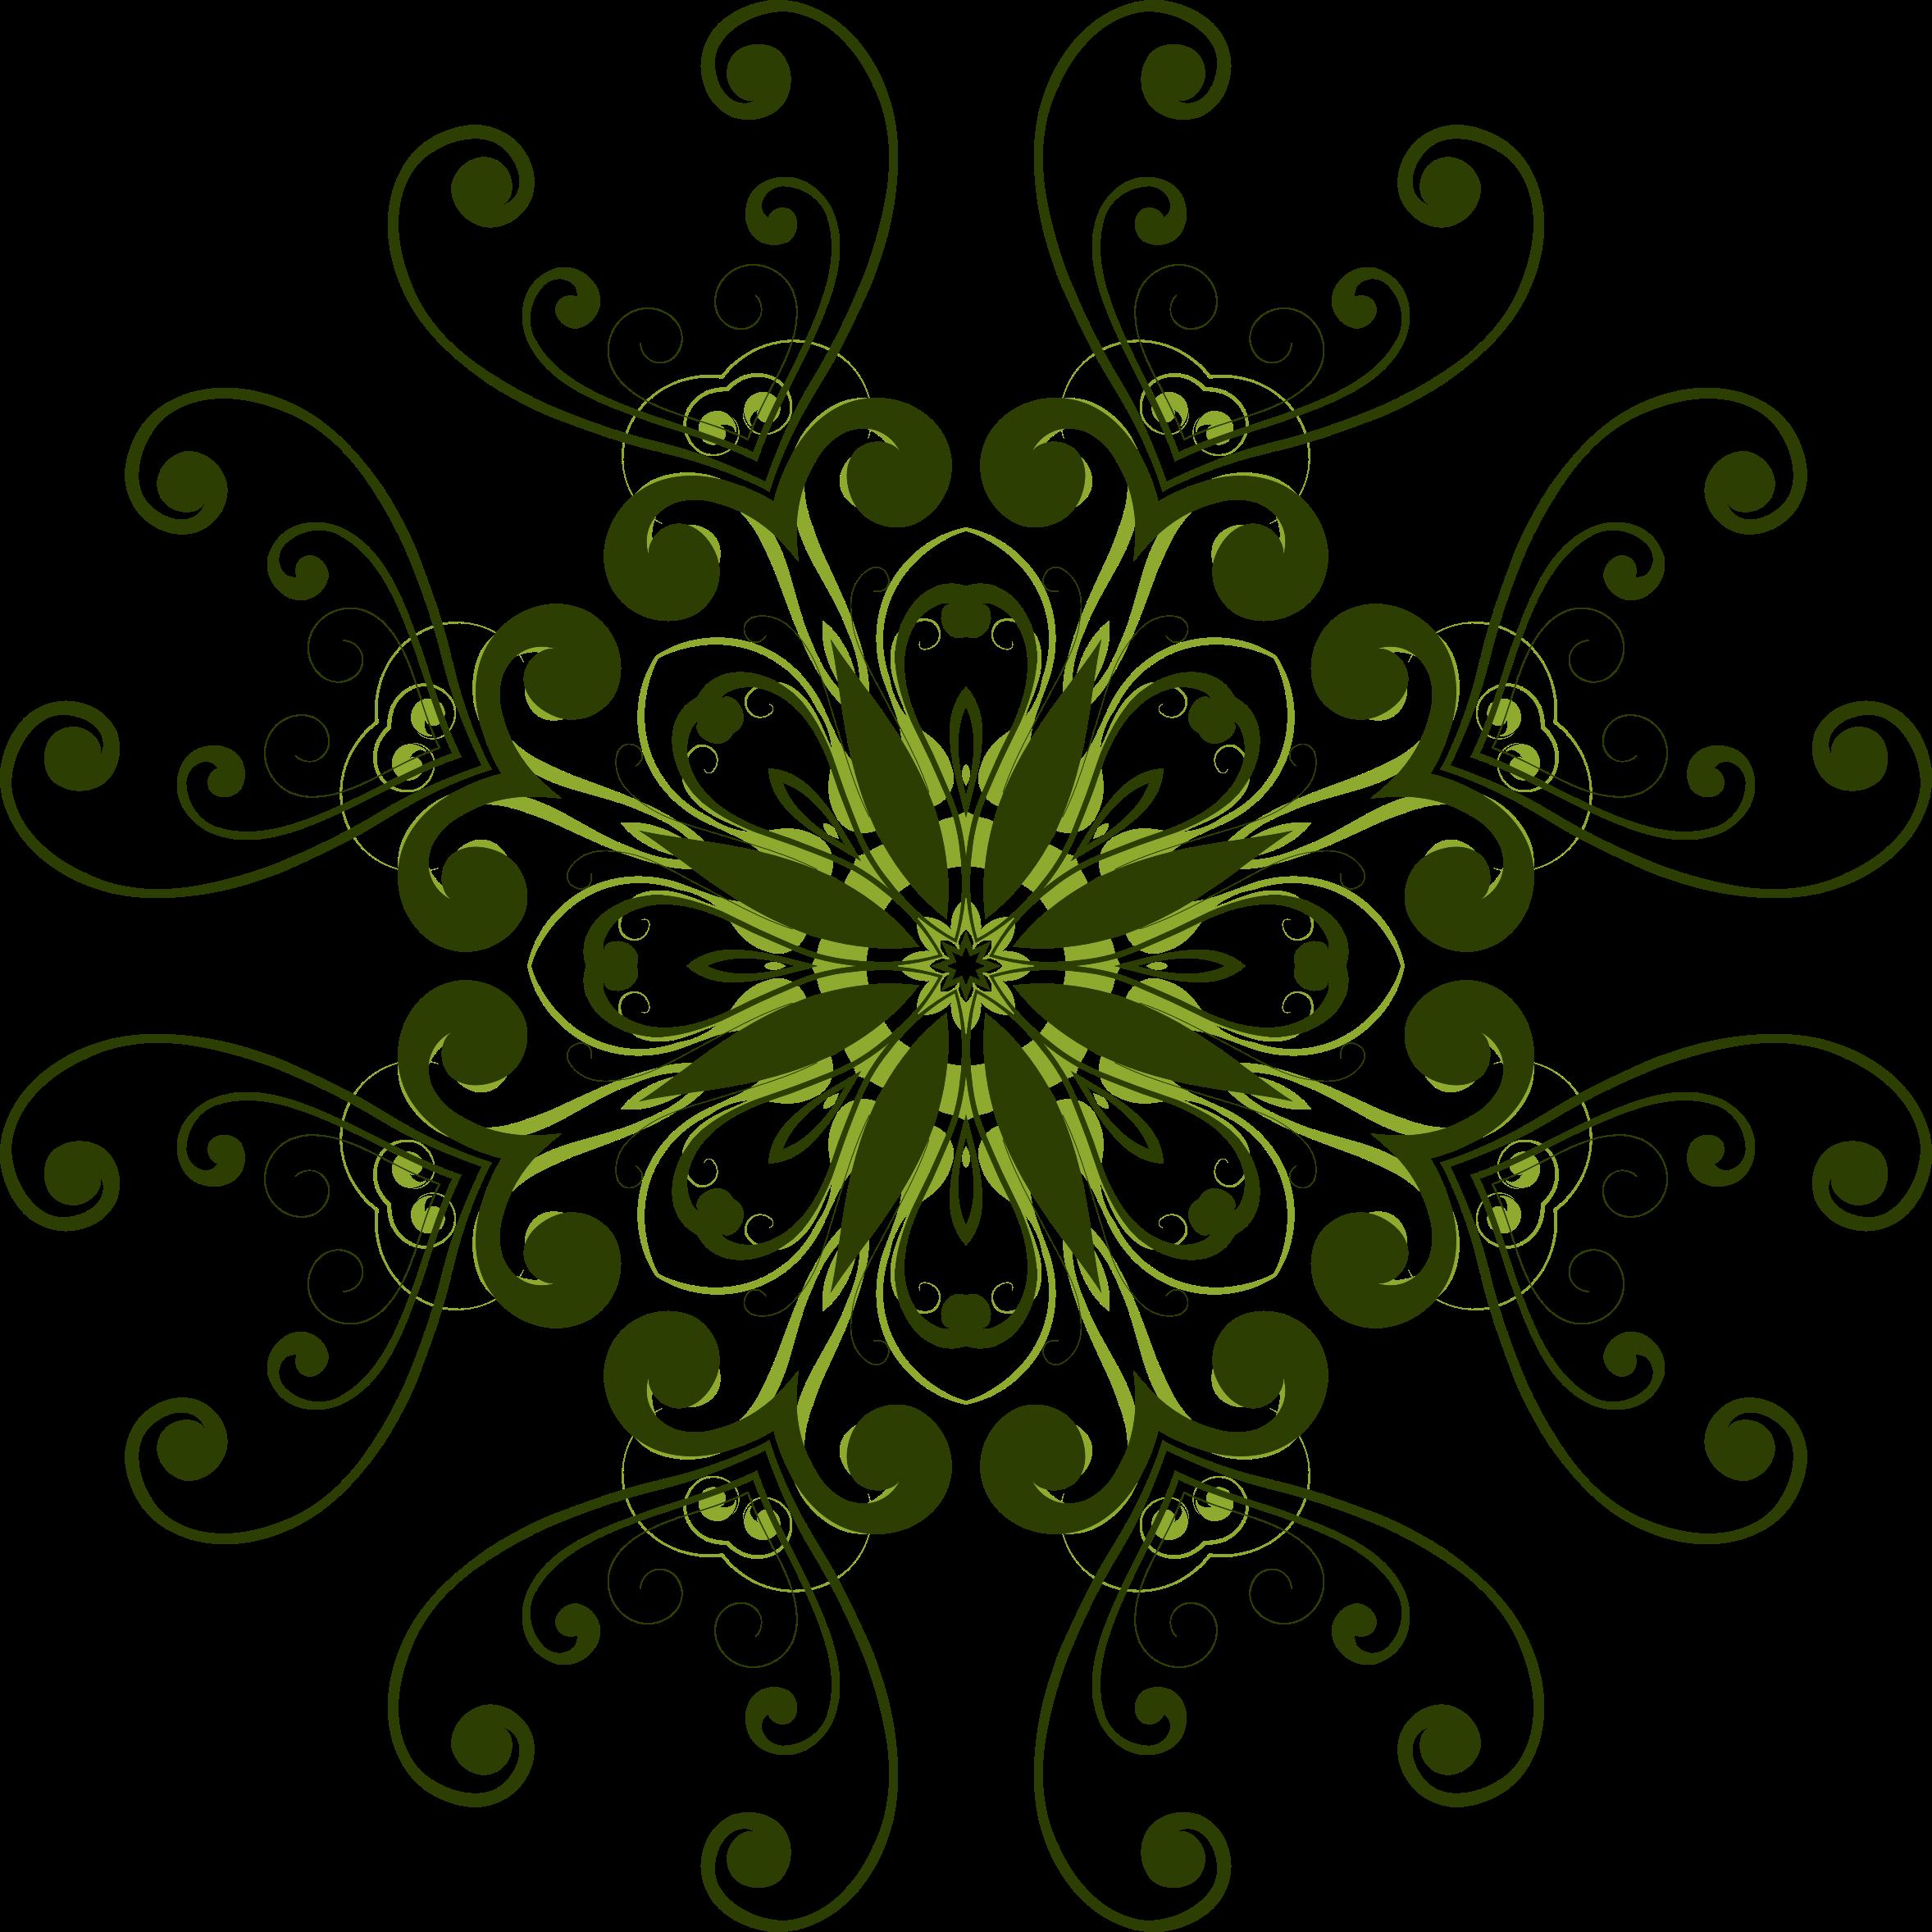 Line Art Flower Design Png : Png flower design clipart best